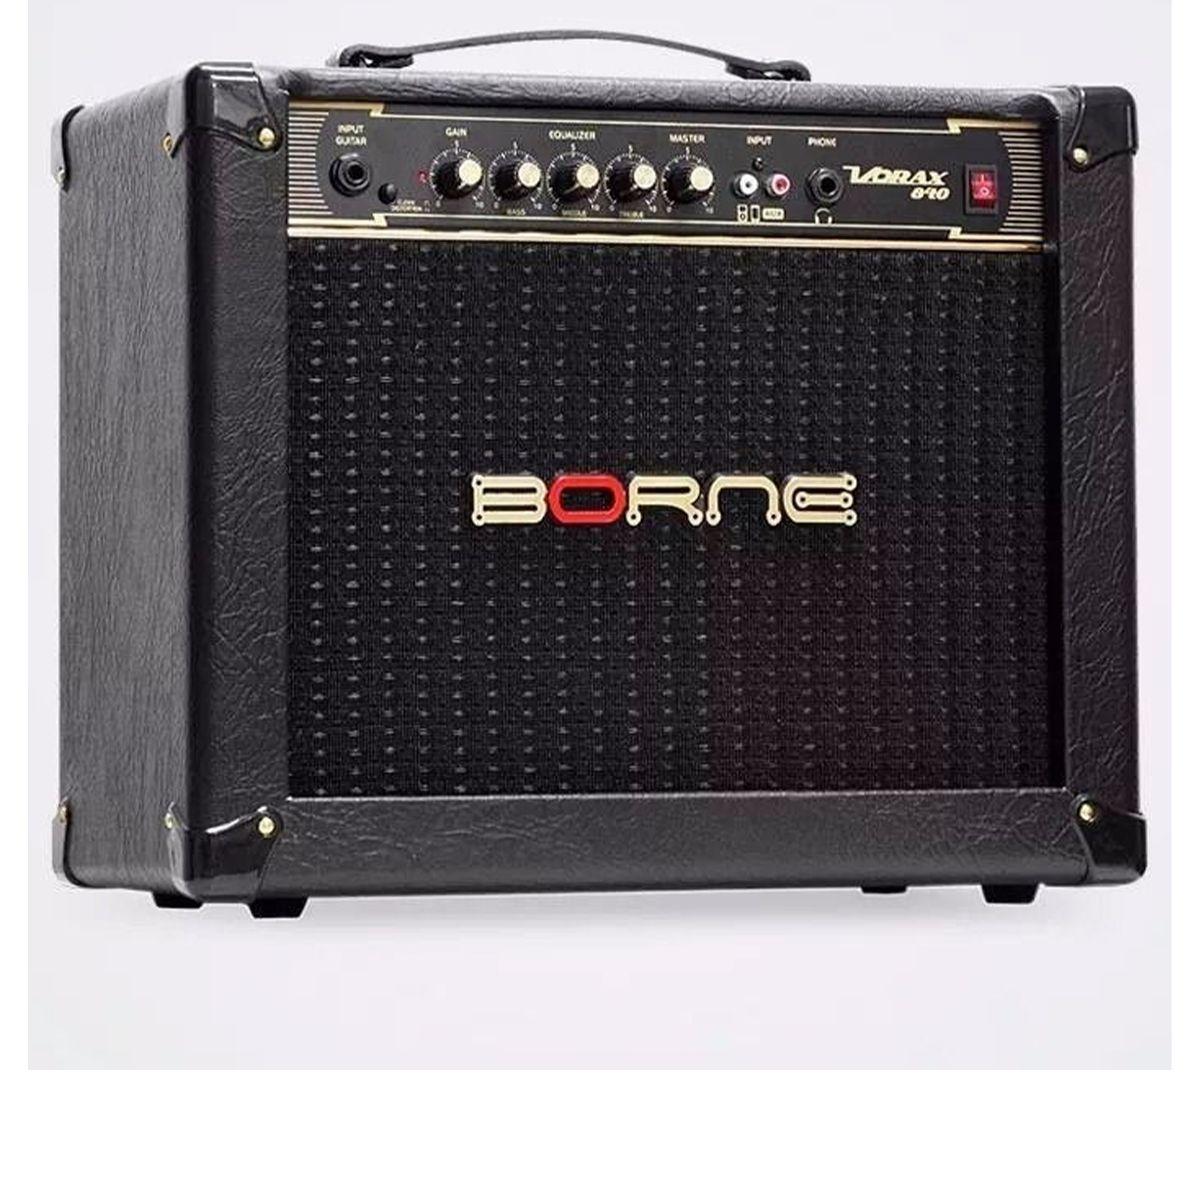 Amplificador para Guitarra Borne Vorax 840 40W